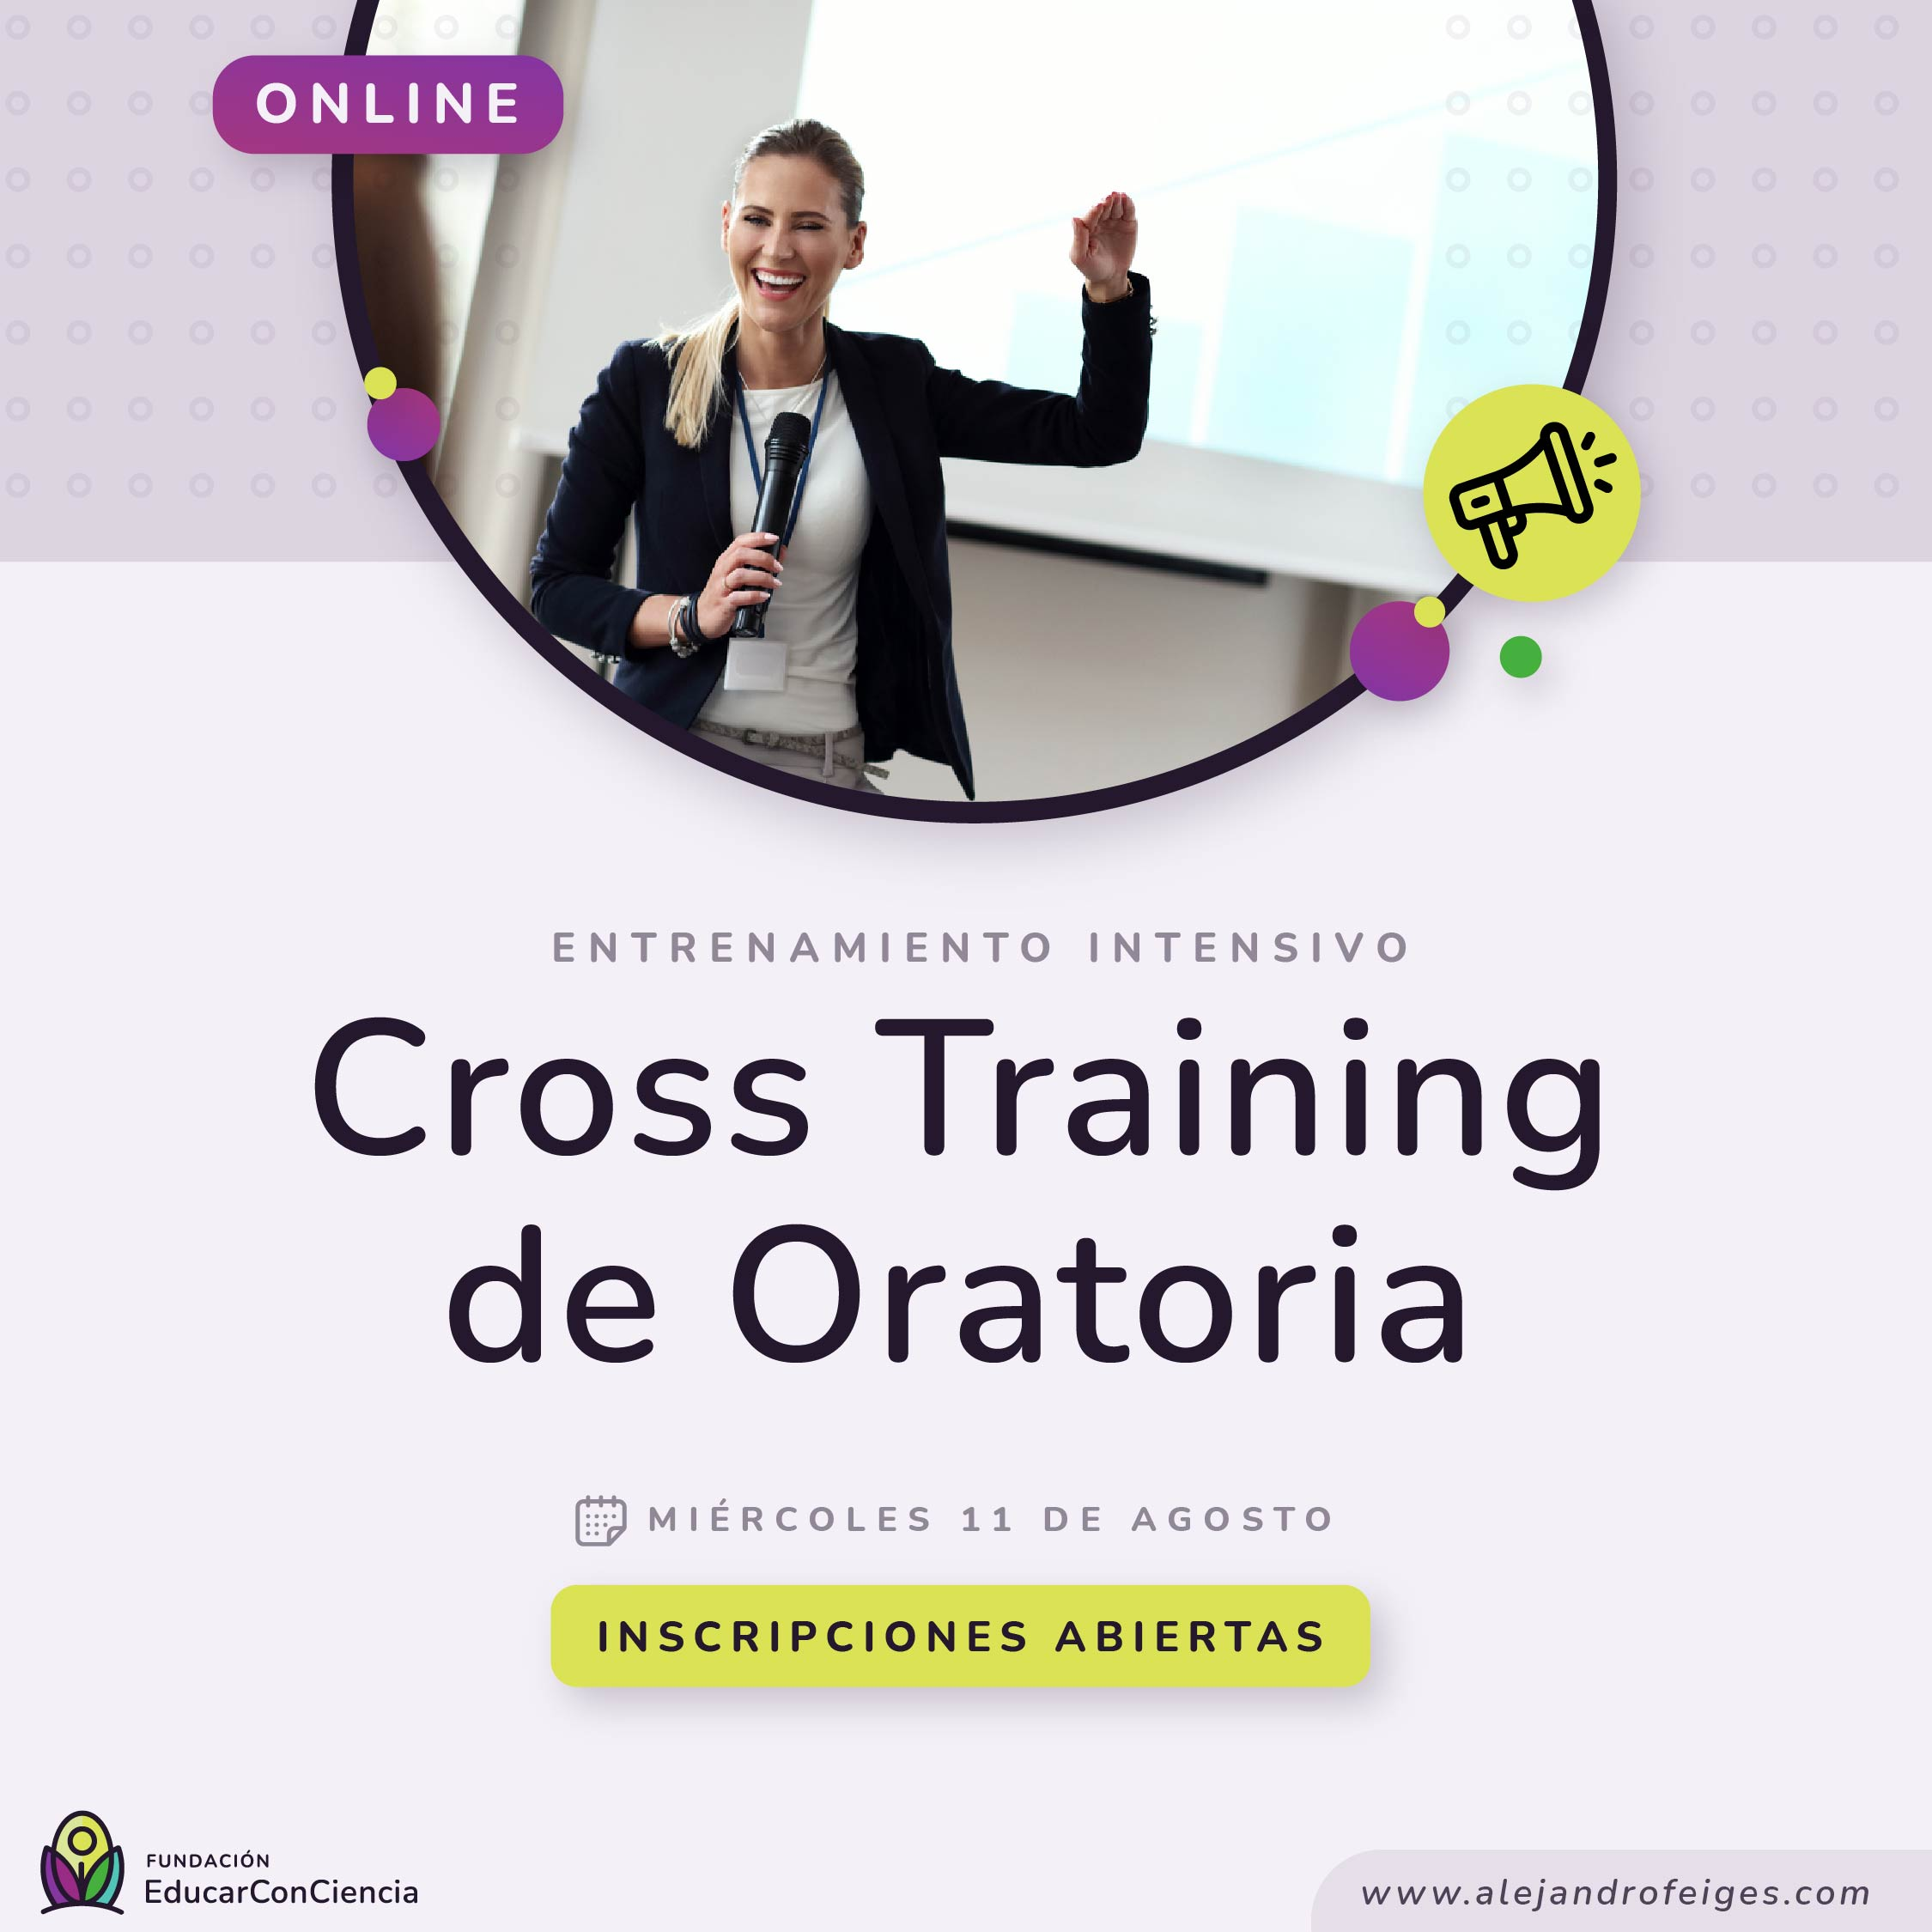 Crosstraining de Oratoria